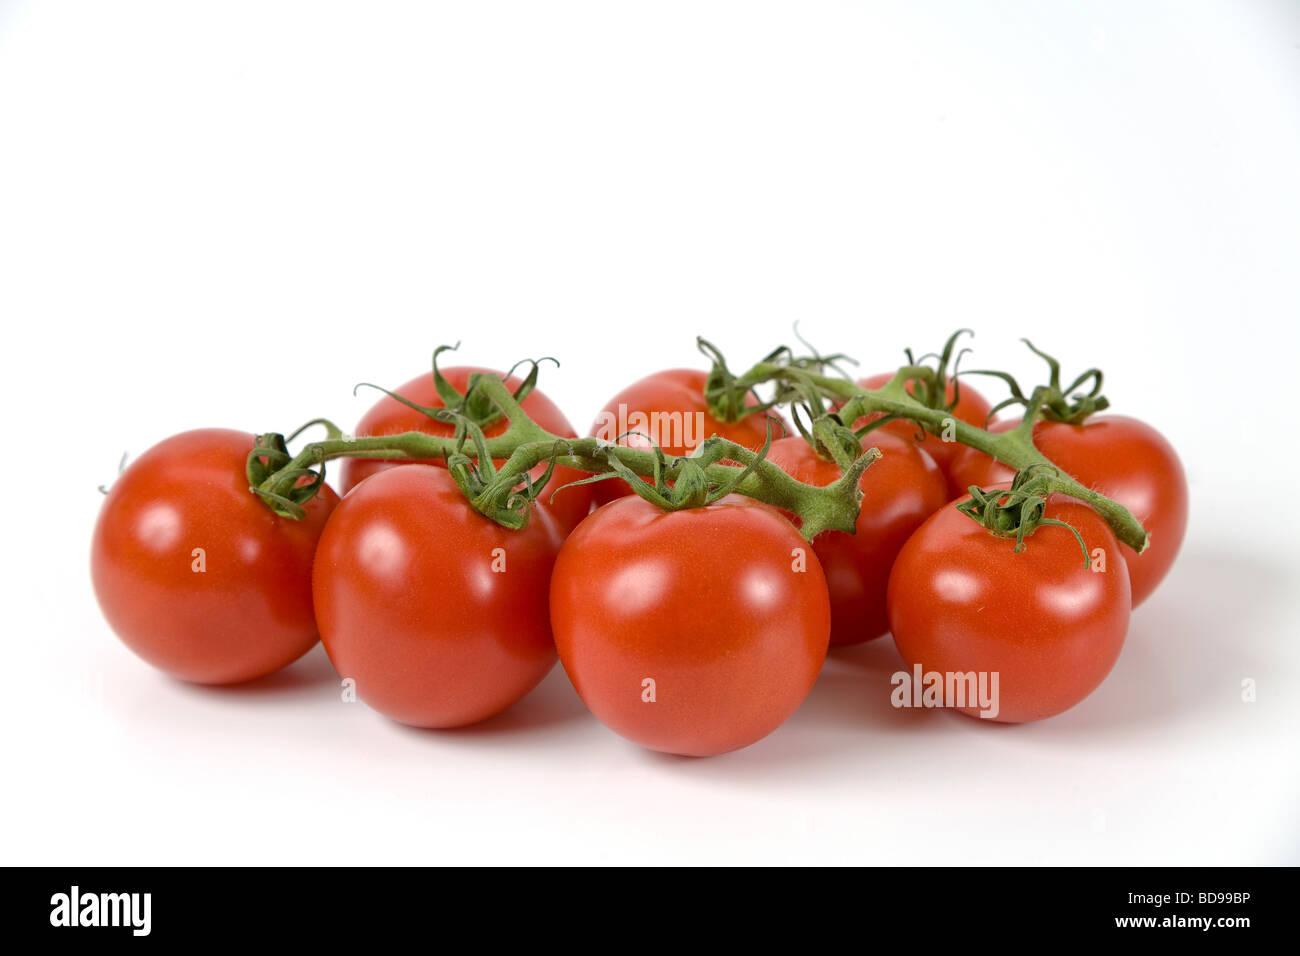 Les tomates biologiques. Photo Stock